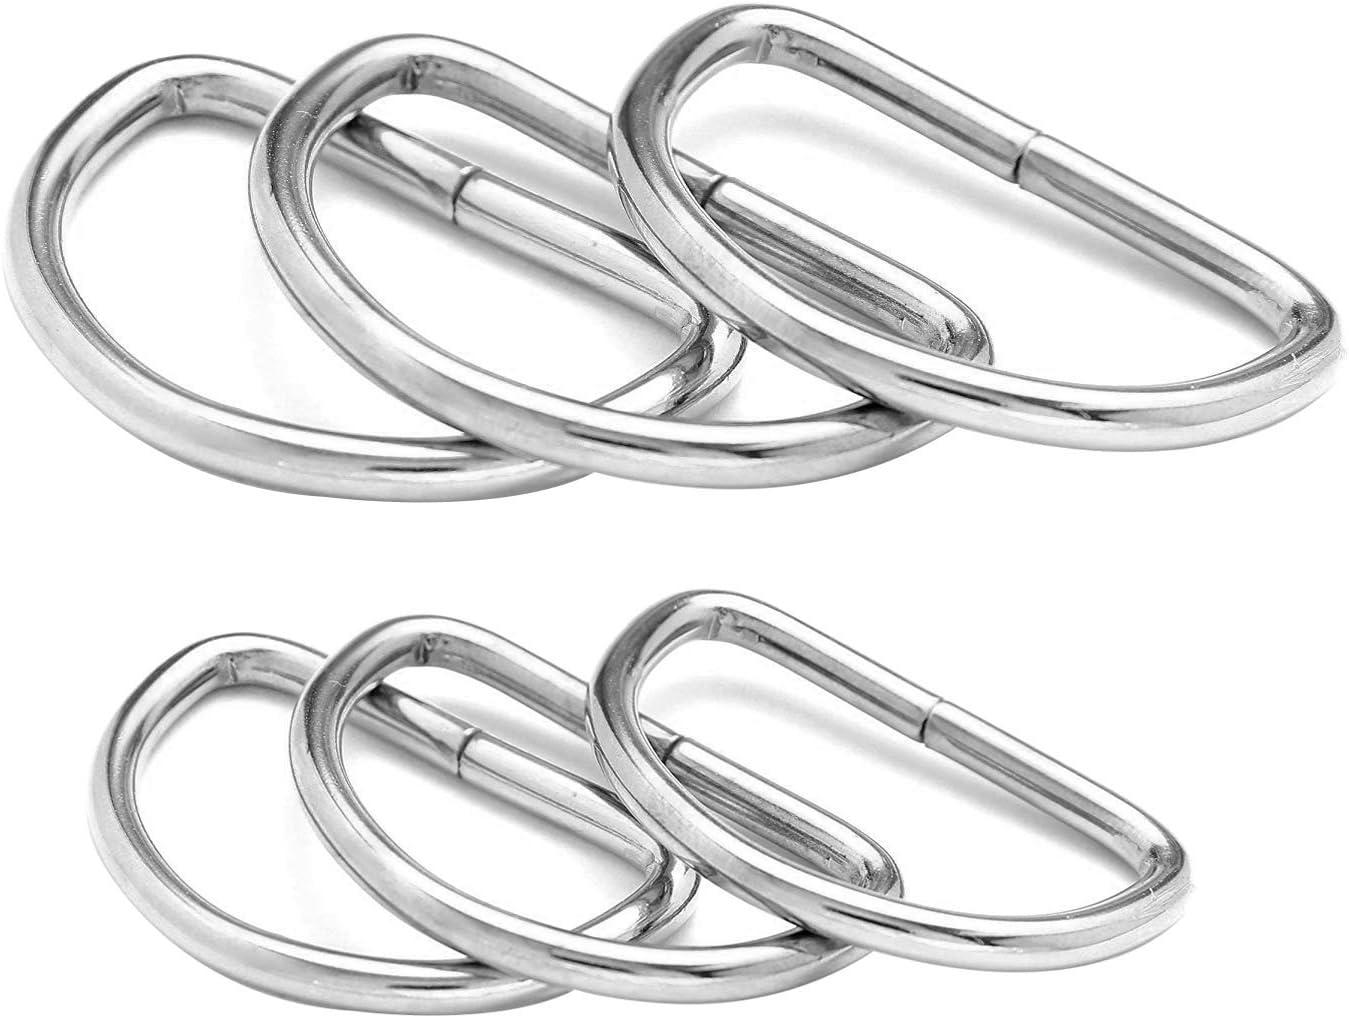 Hebilla de metal en D sin soldadura para correas de sujeción ajustable, artes y manualidades, collares para mascotas, bolsas de reparación, 20 mm y 25 mm